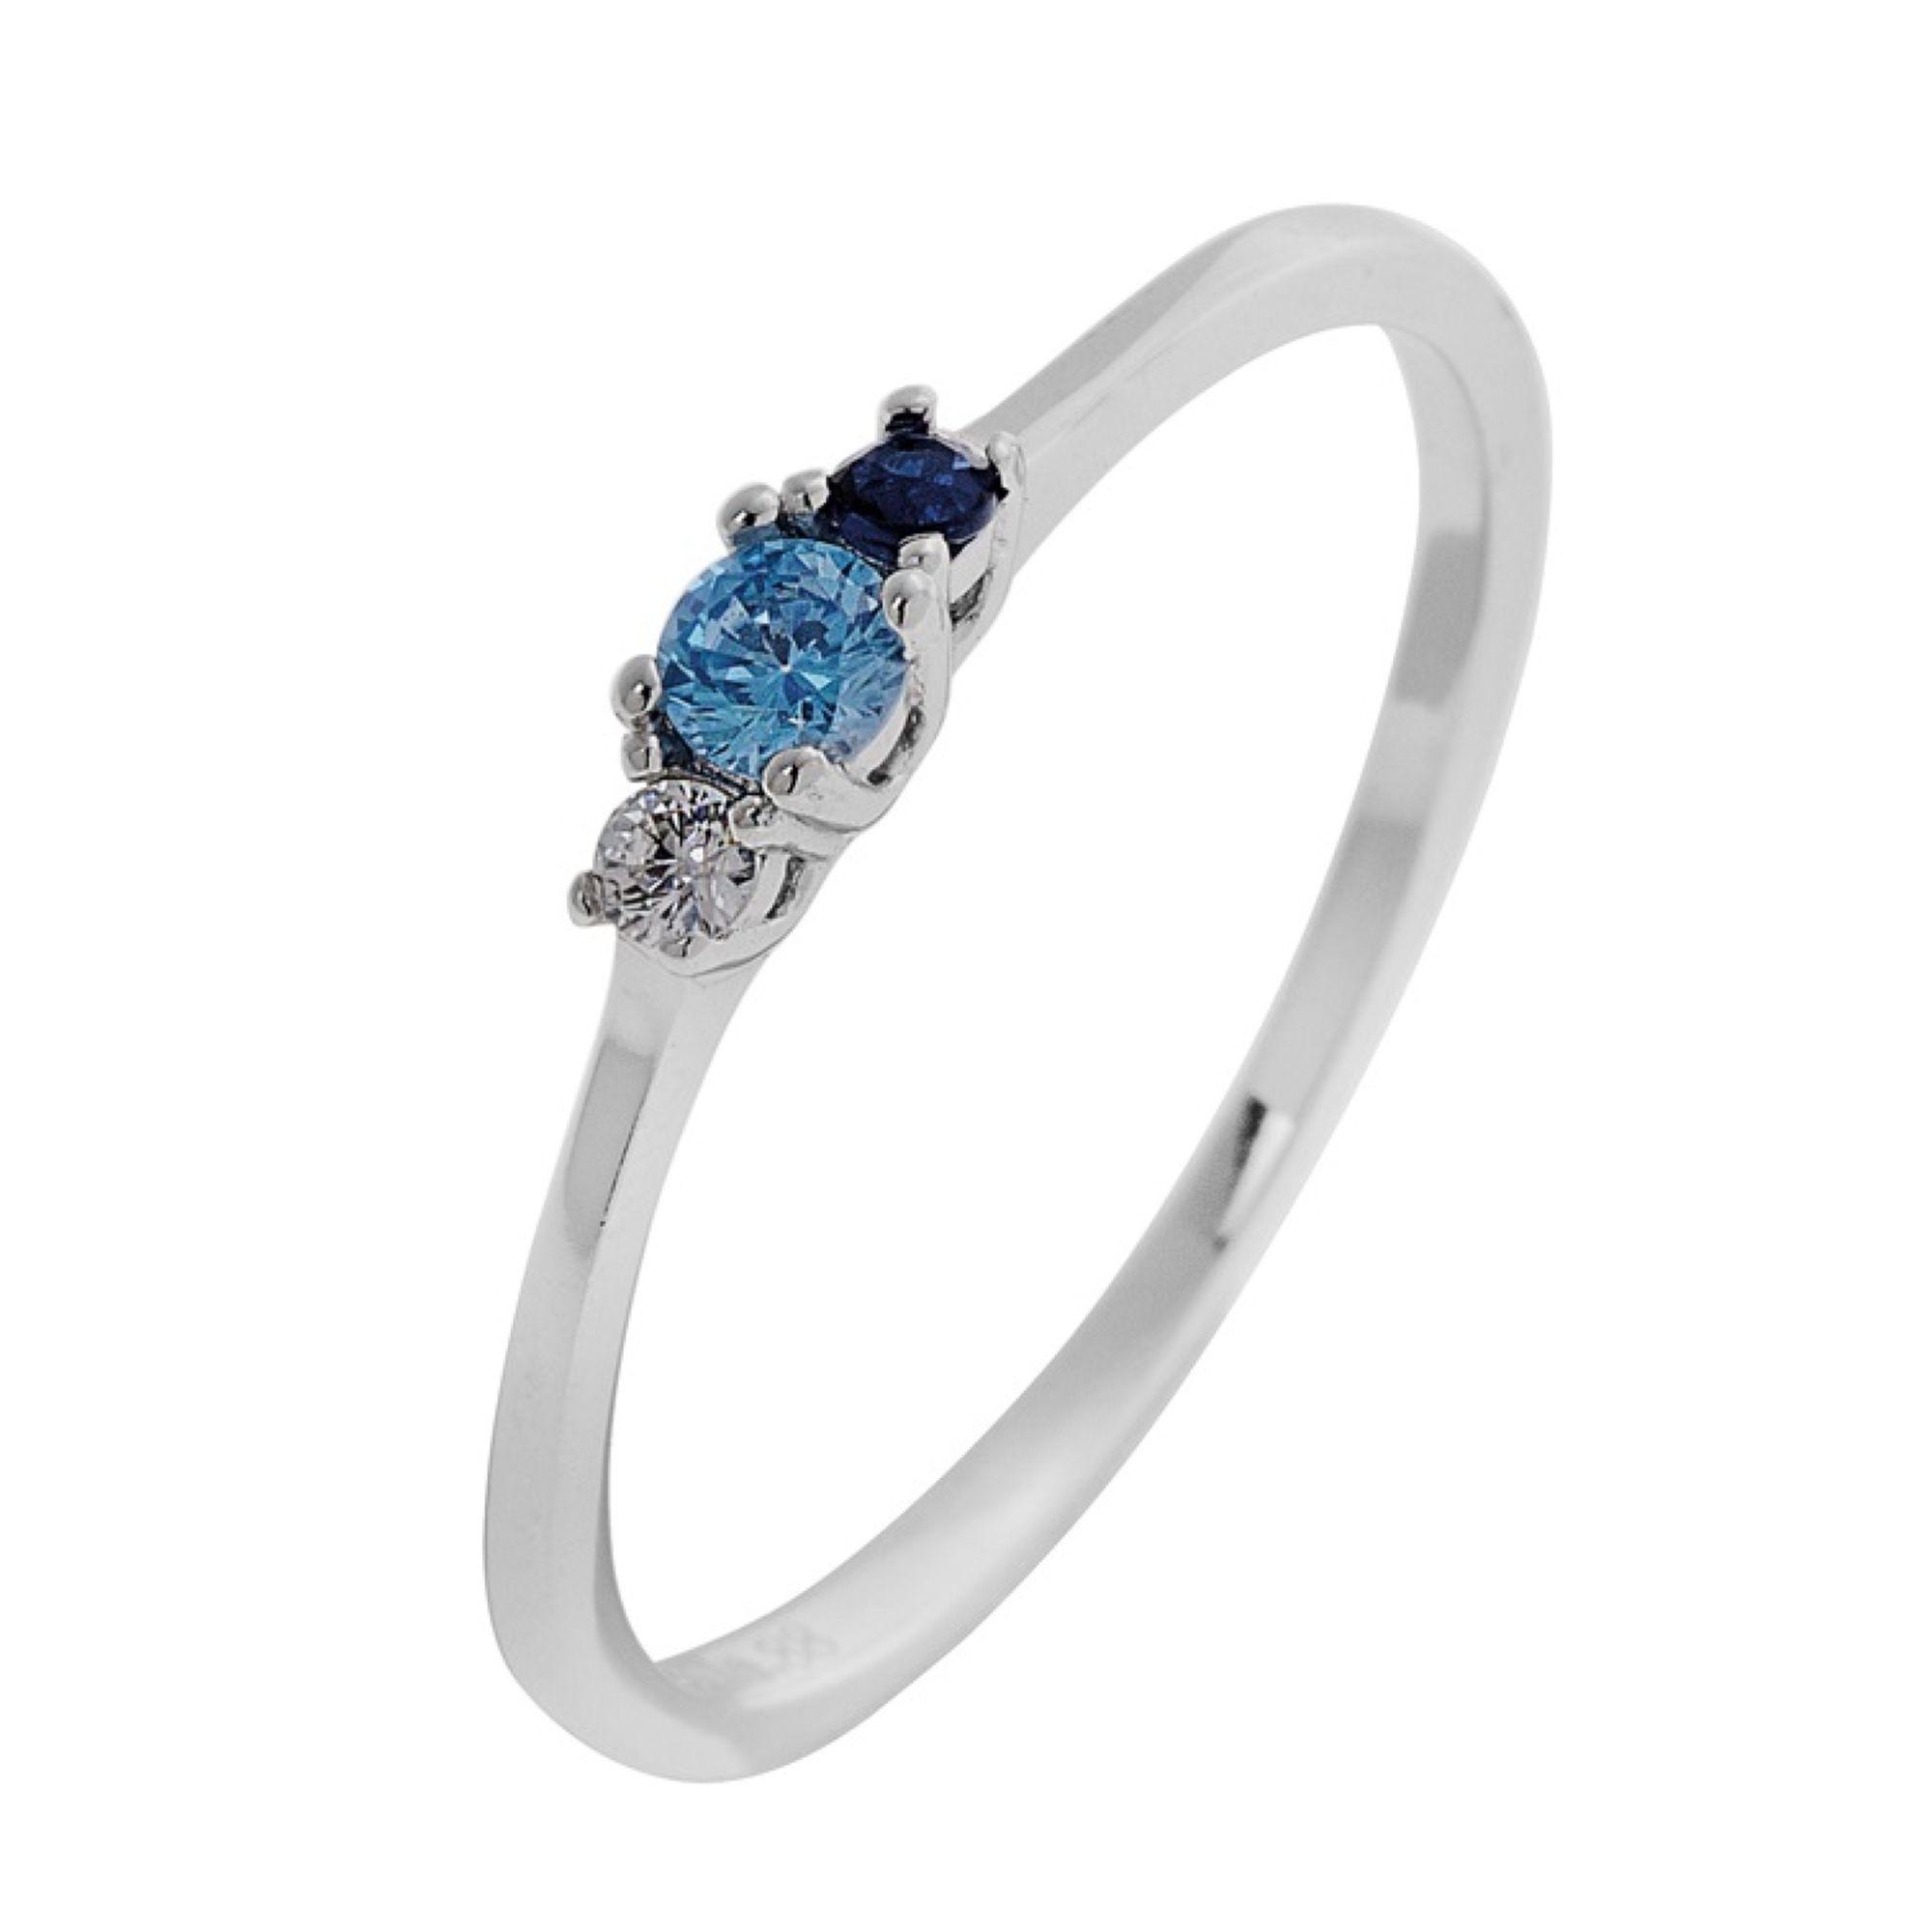 Ασημένιο δαχτυλίδι 925 με 3 Πέτρες